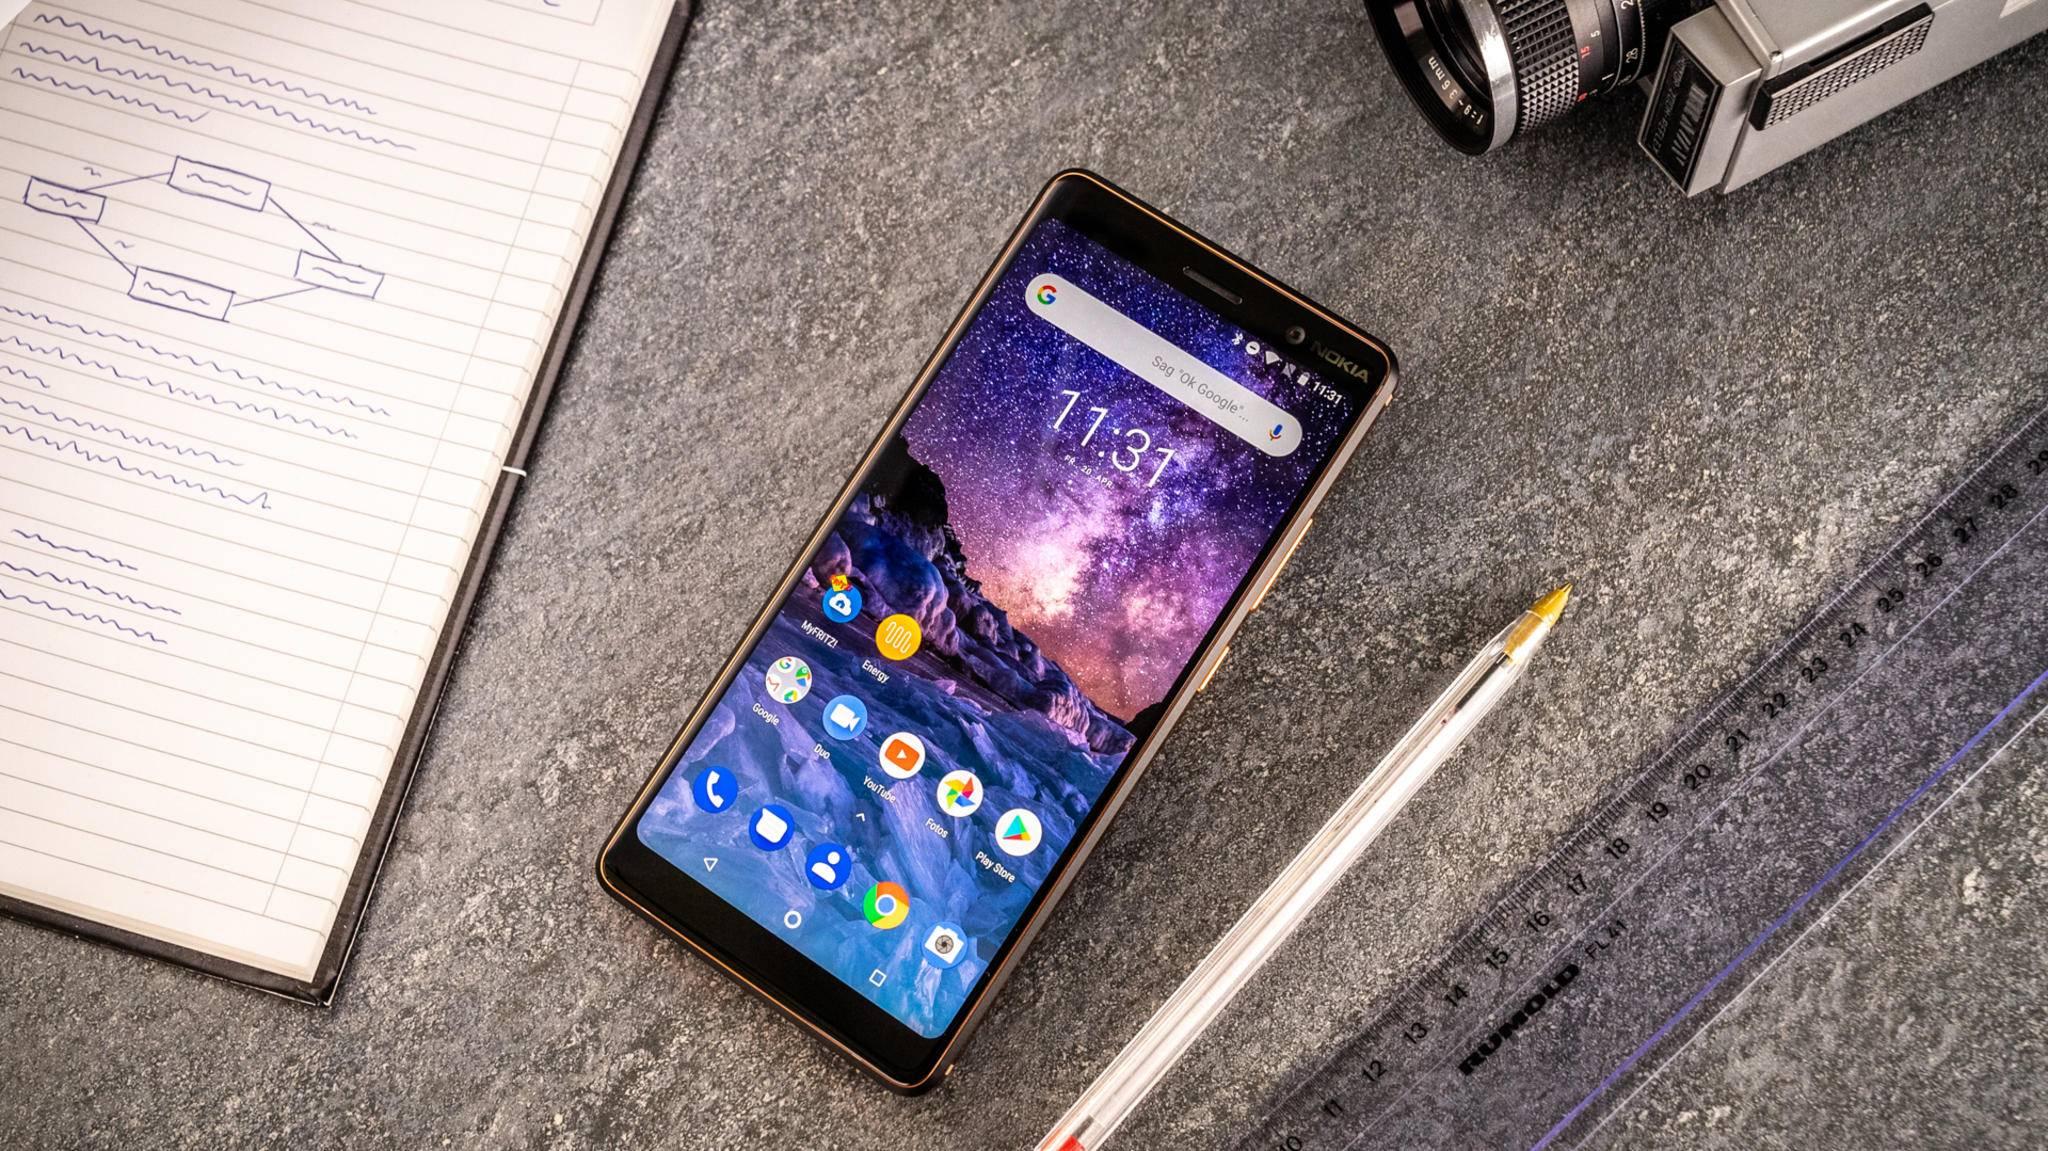 Hat das Nokia 7 Plus mehr zu bieten als ein großes Display?